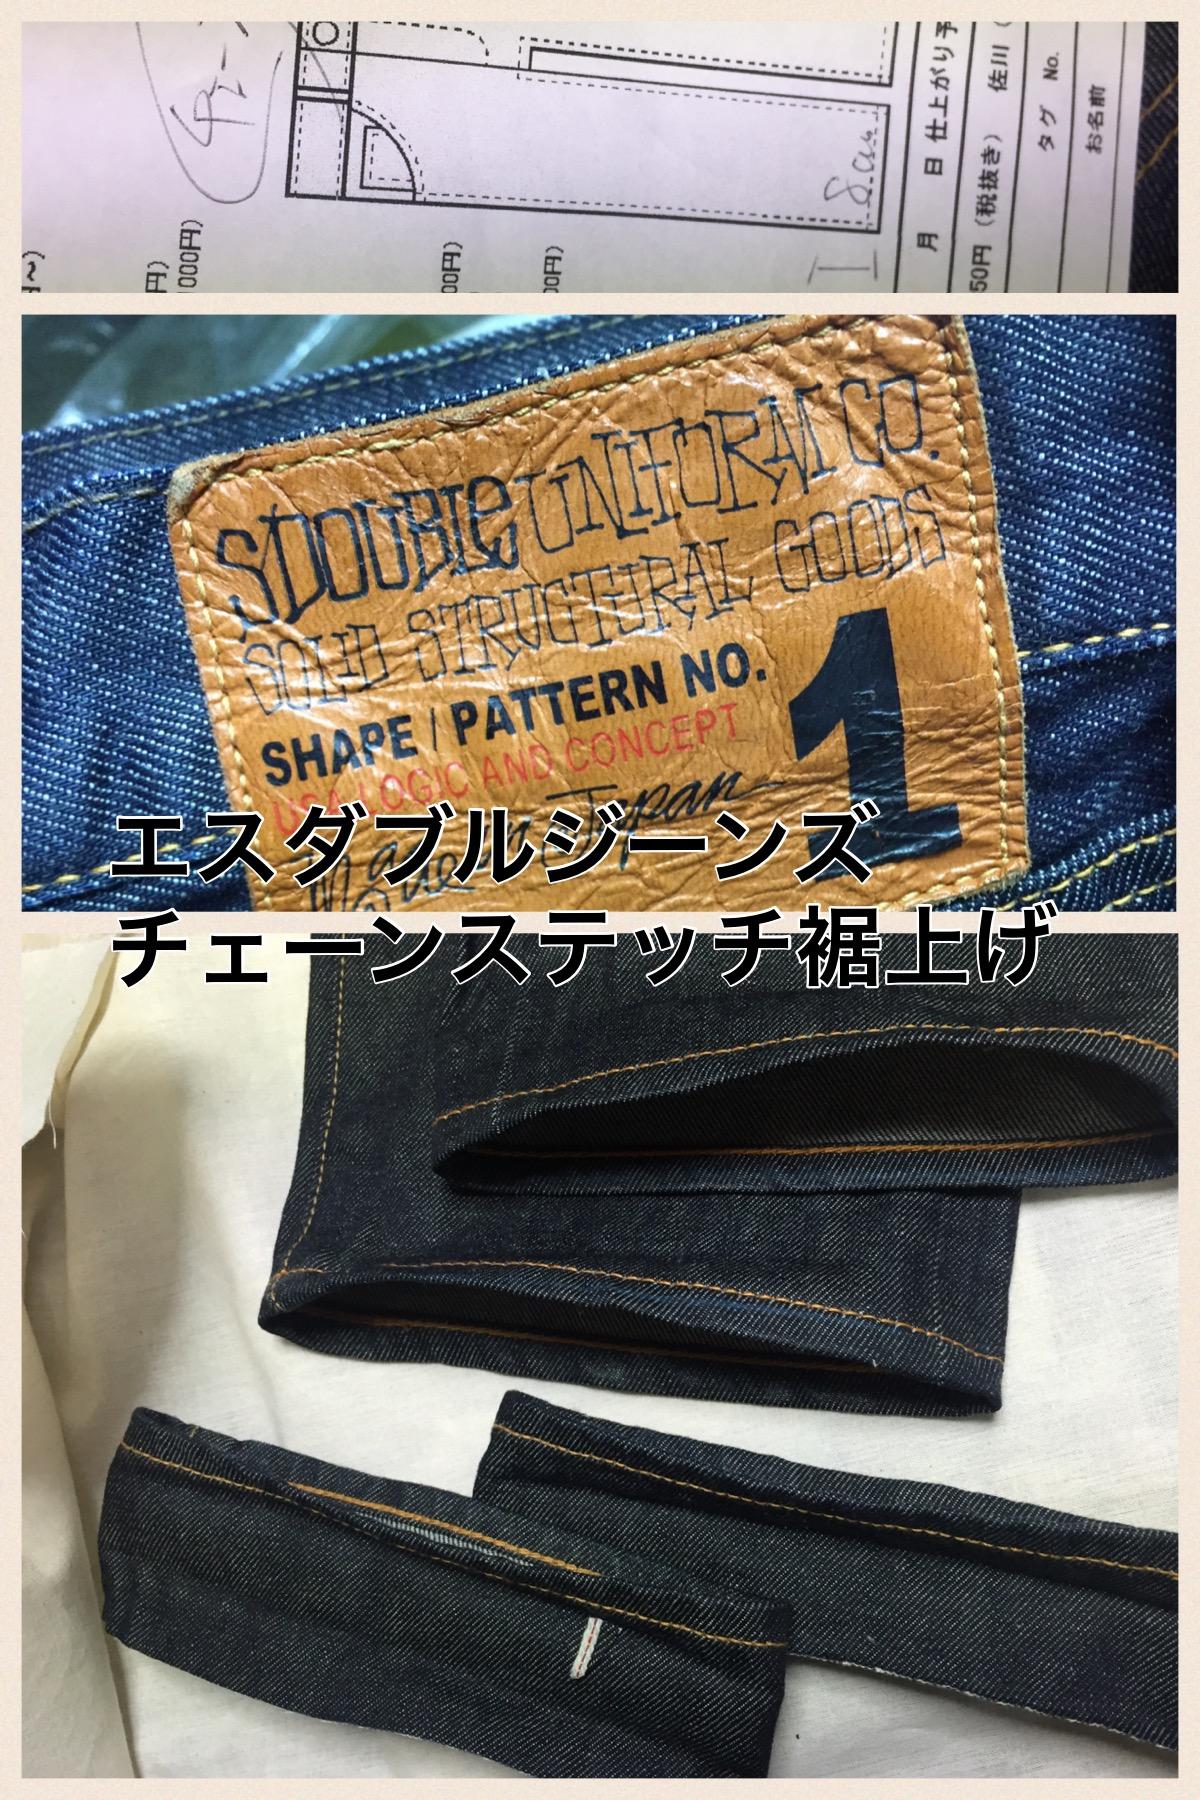 S/Double (エスダブル)のジーンズ、チェーンステッチで裾上げ